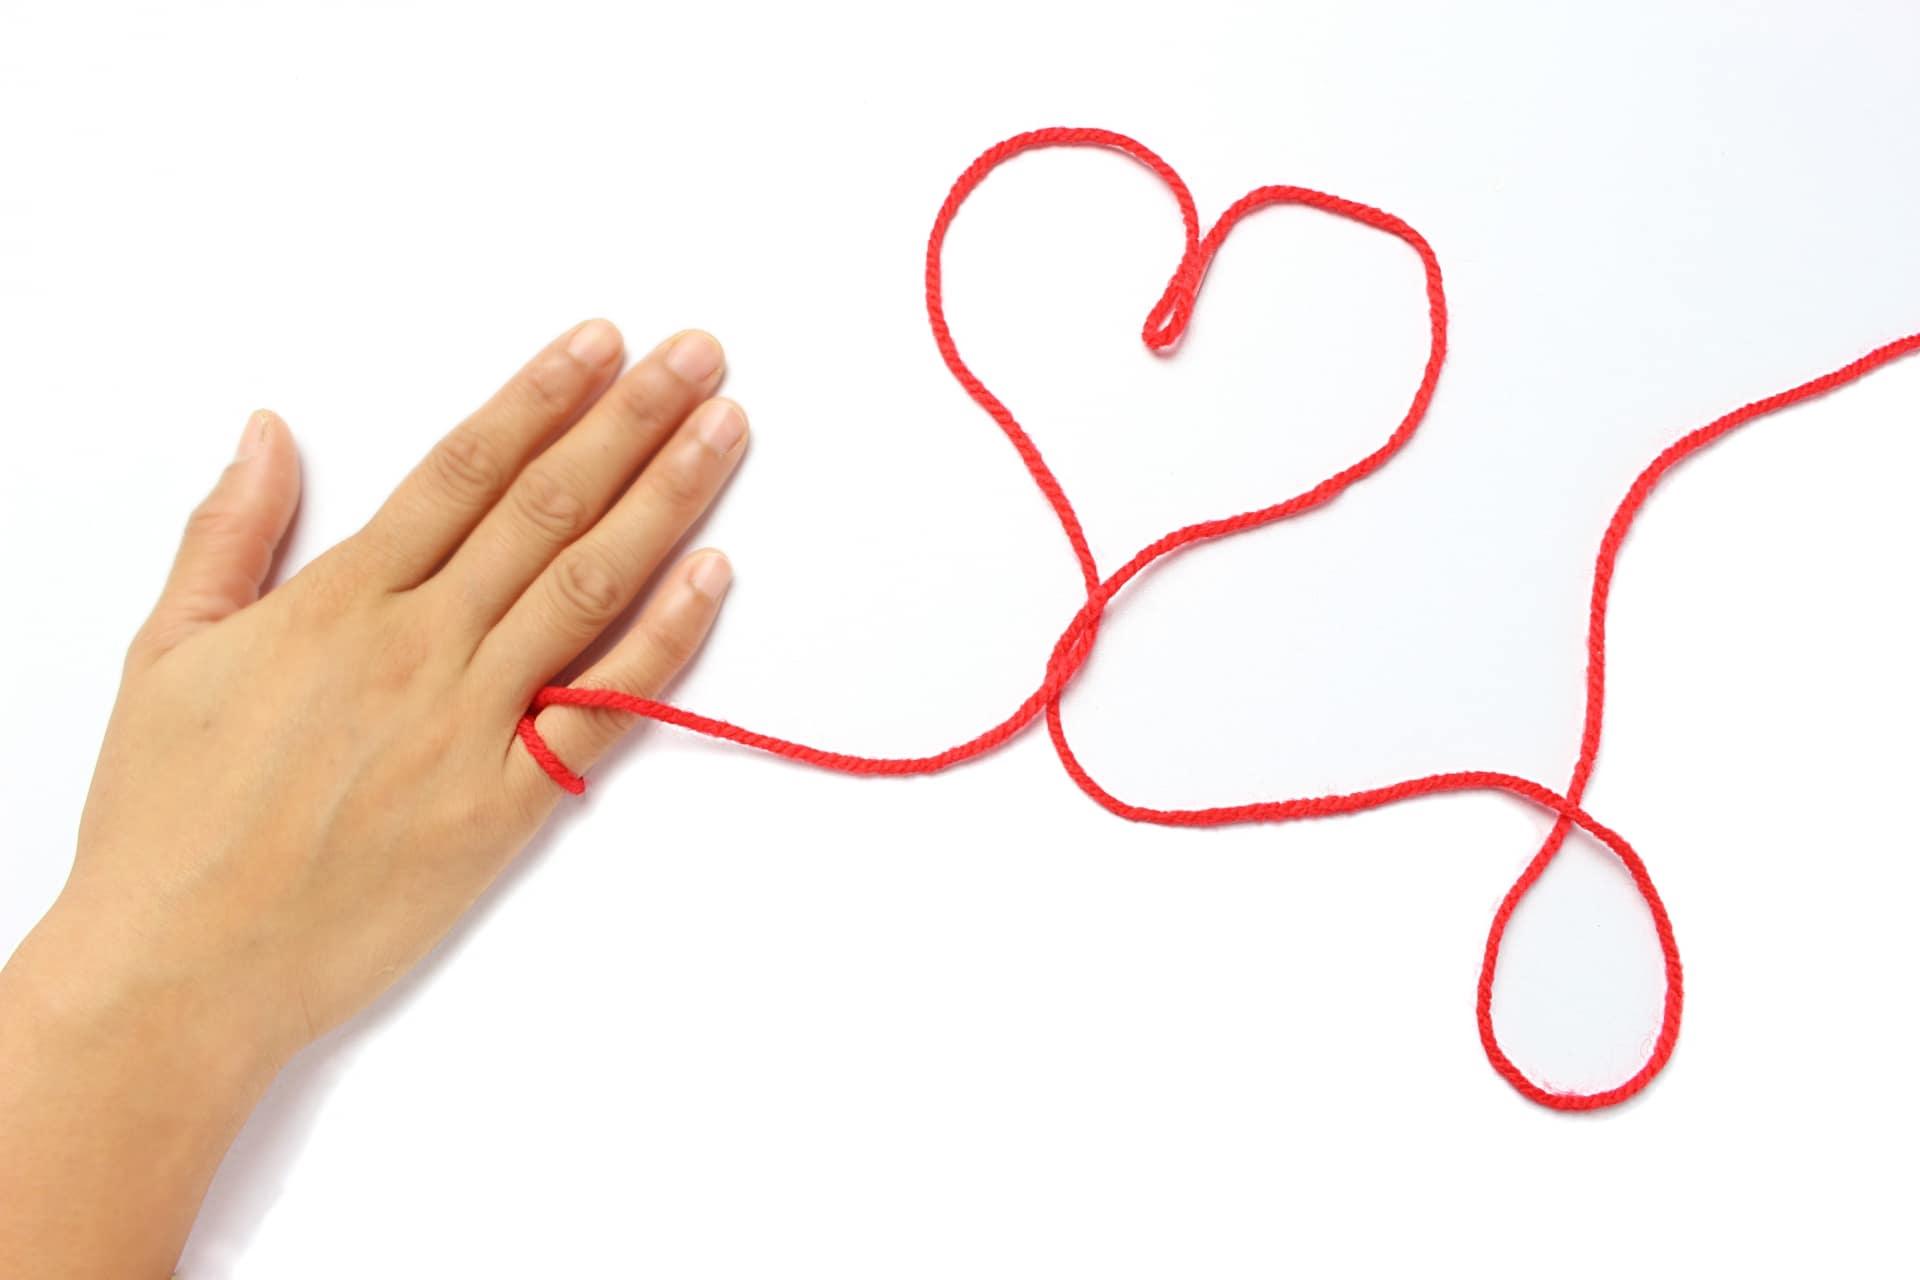 明日から使える恋愛テク!30代女性の婚活に結婚相談所はおすすめ?